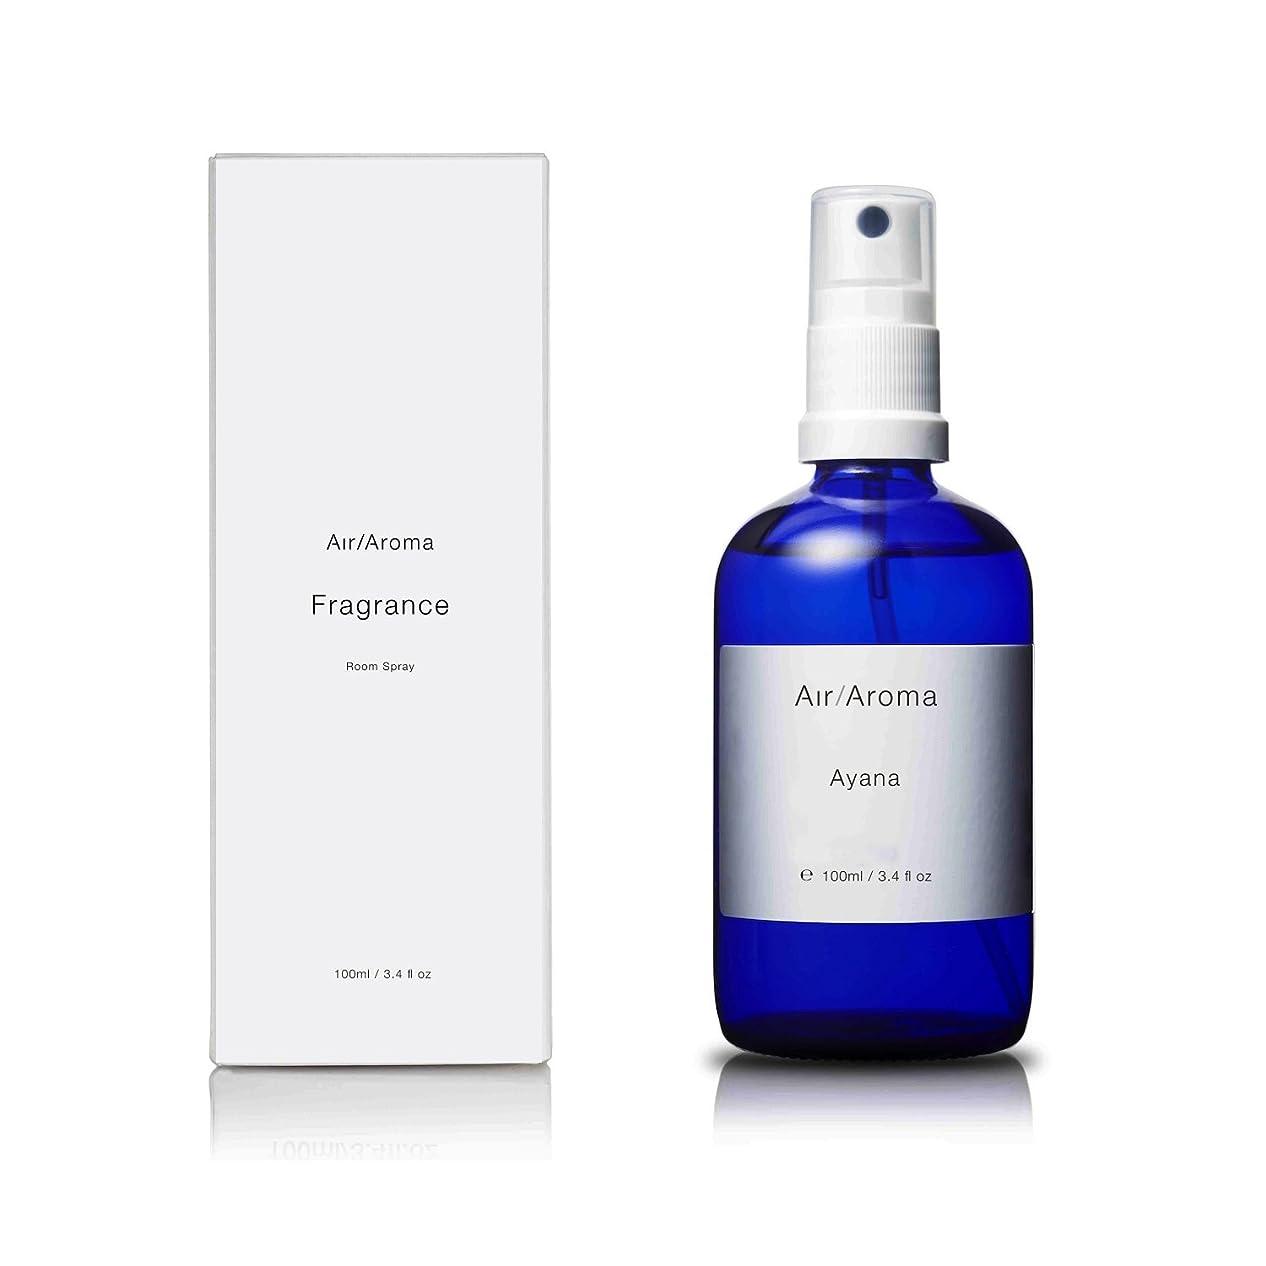 頭ウナギせせらぎエアアロマ ayana room fragrance (アヤナ ルームフレグランス) 100ml